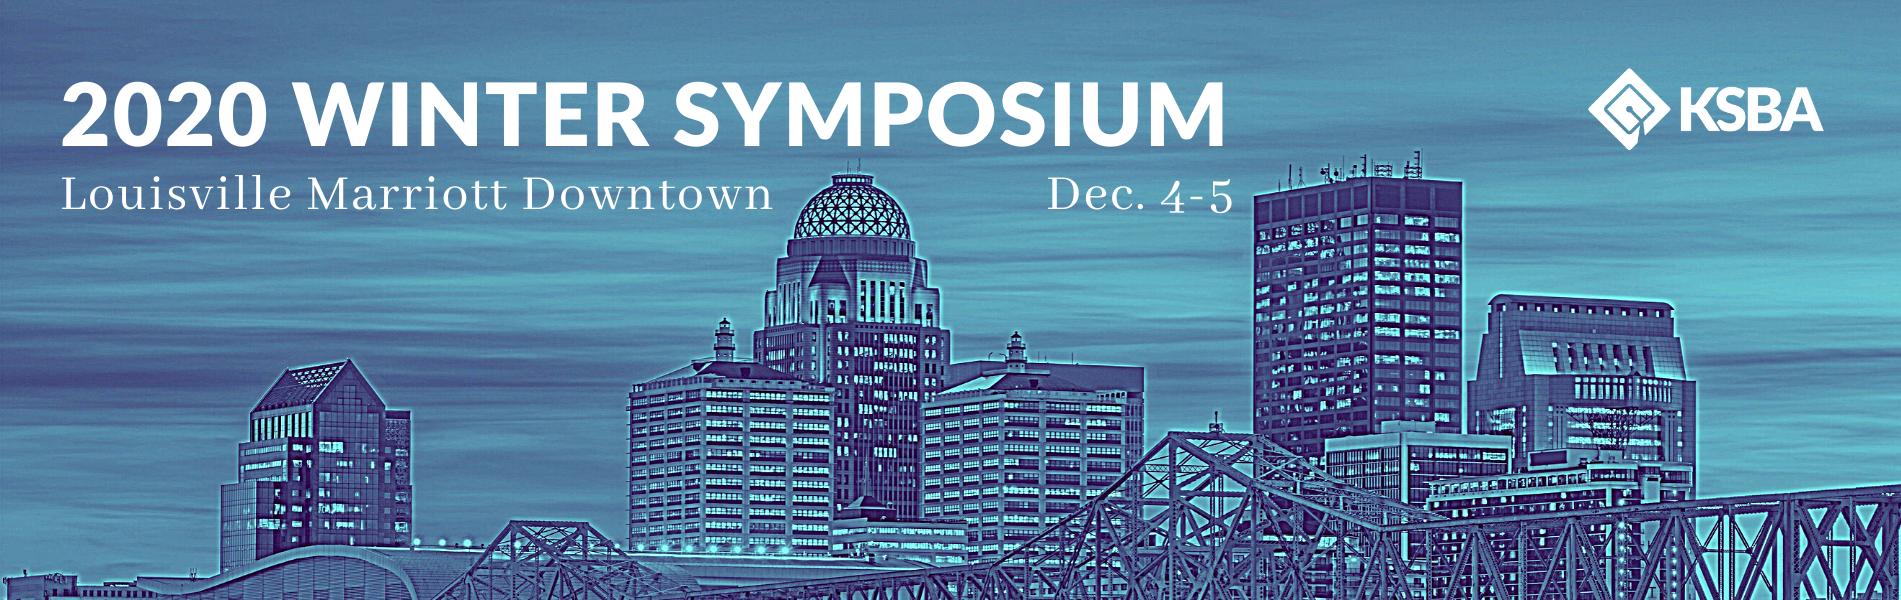 2020 Winter Symposium